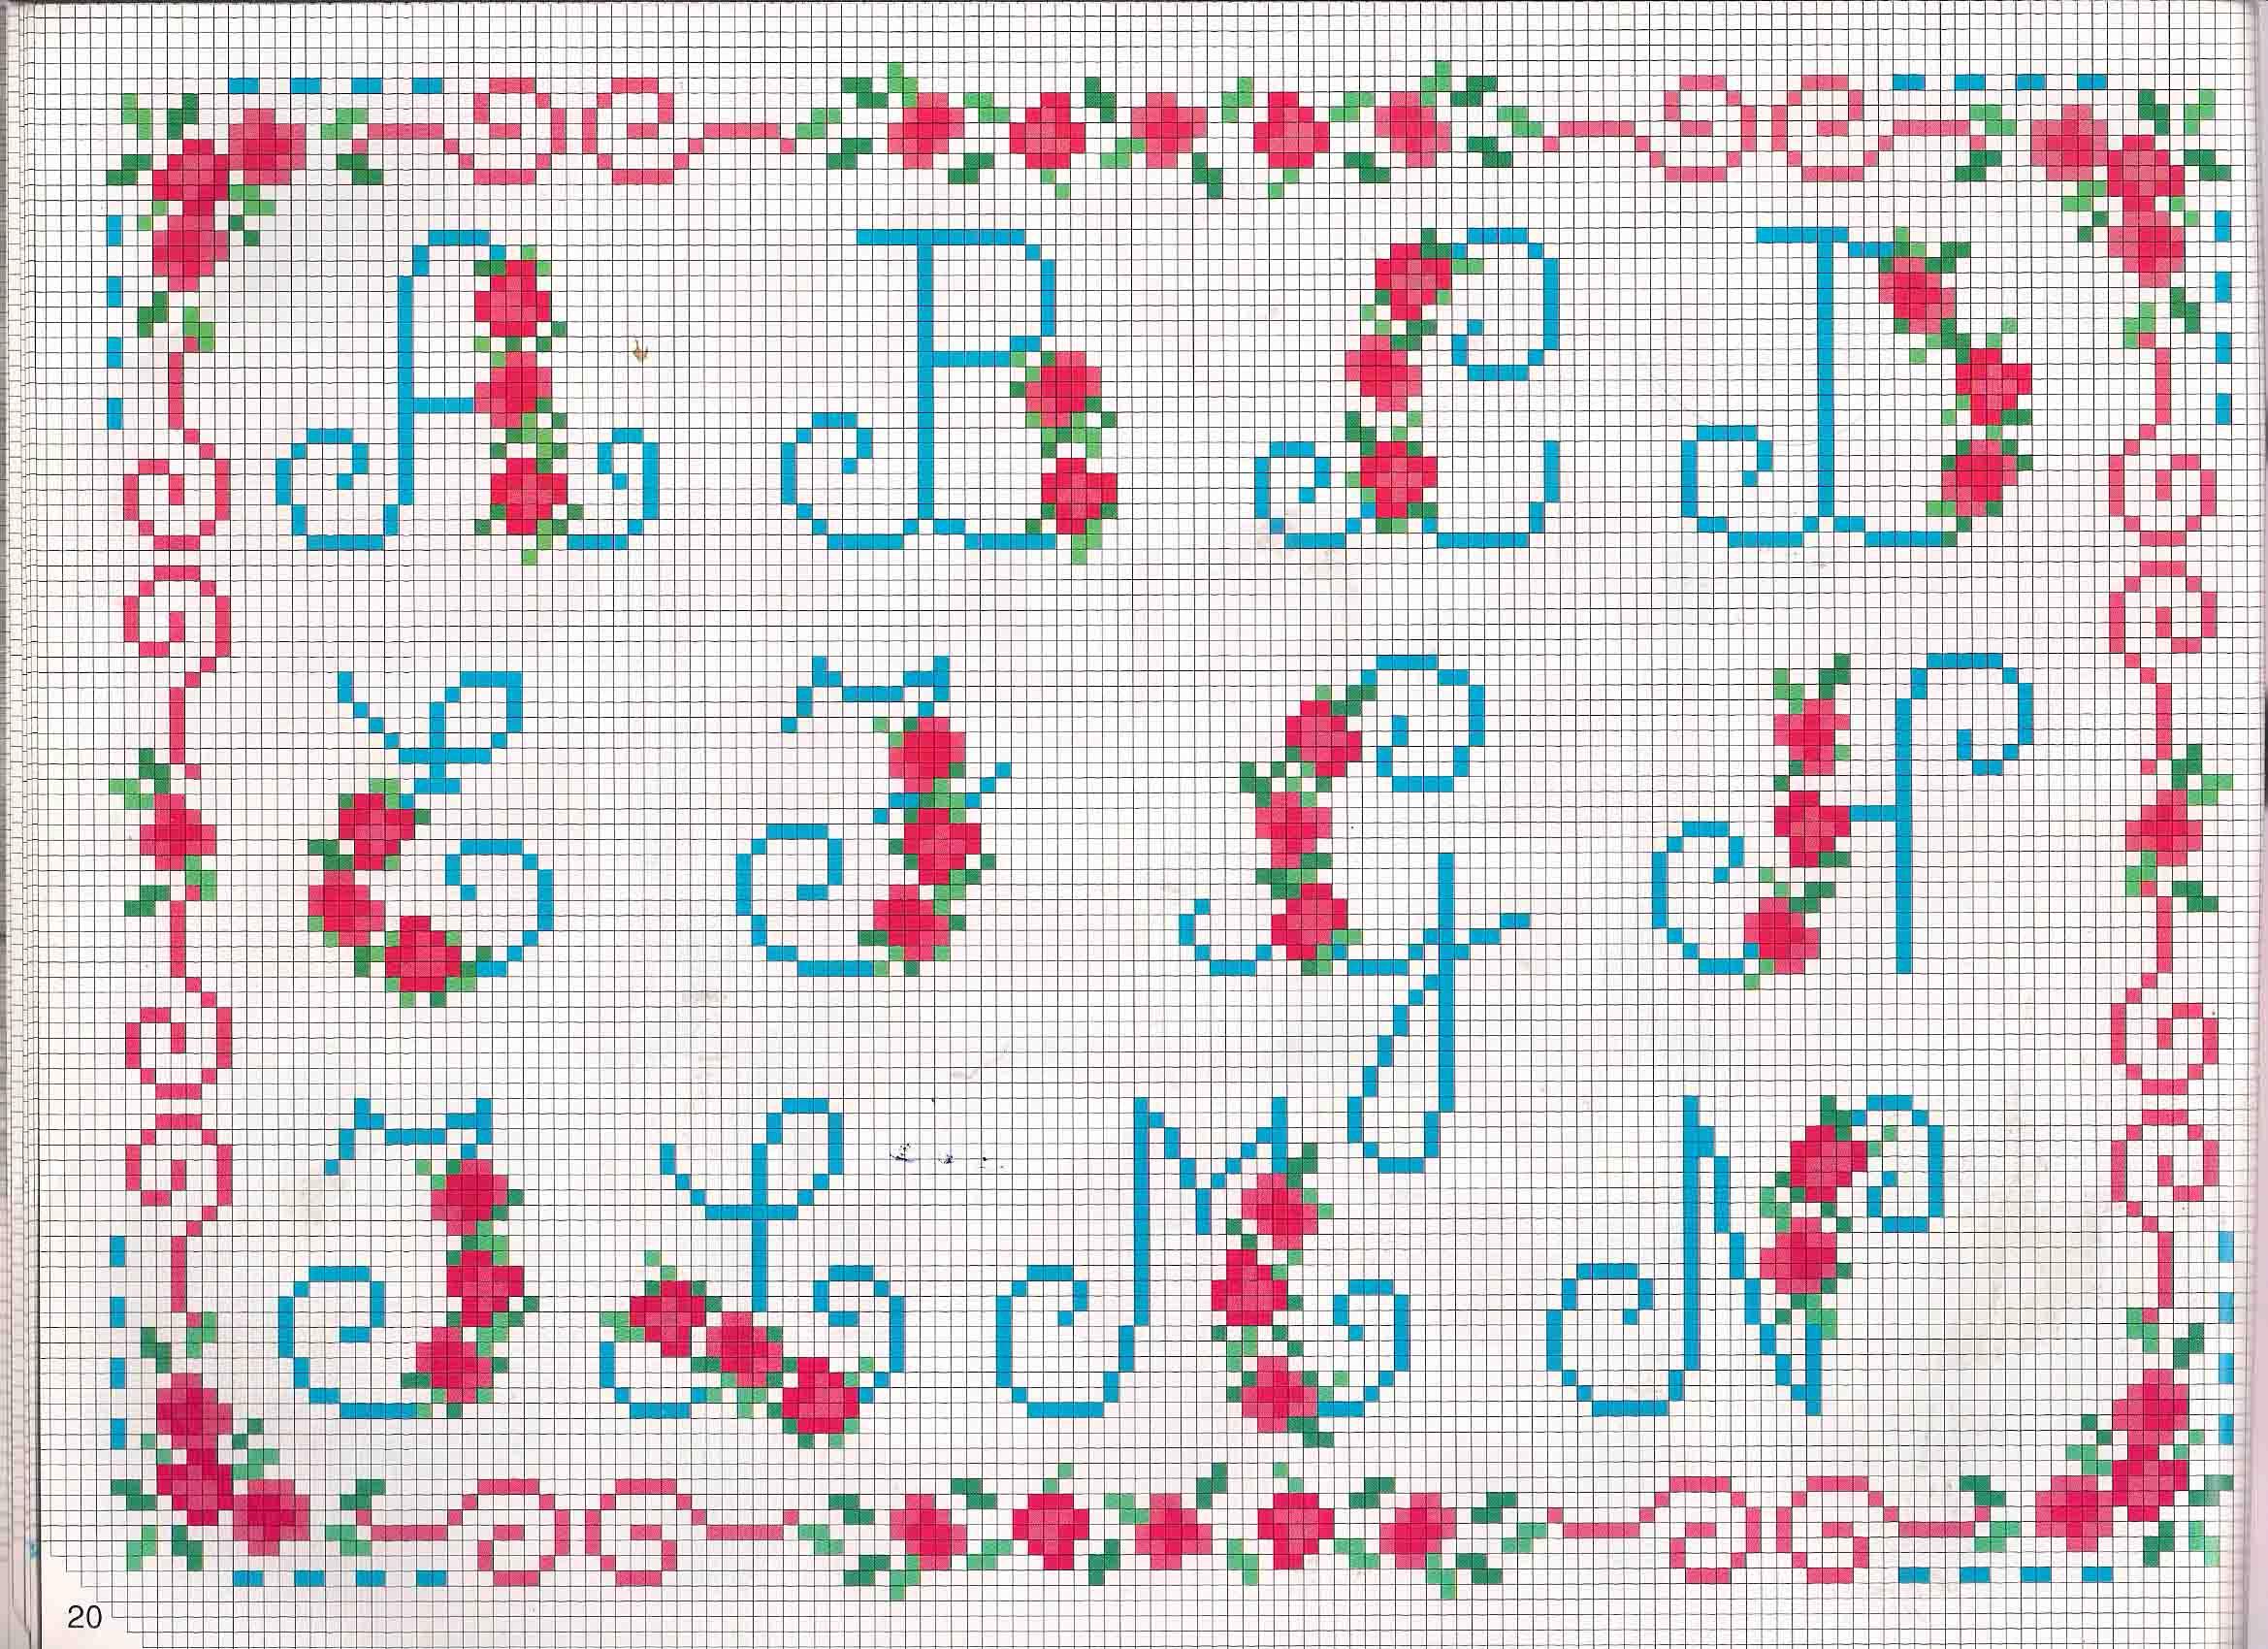 Alfabeto da ricamare lettere azzurre e fragoline di bosco (1) - magiedifilo.it punto croce ...